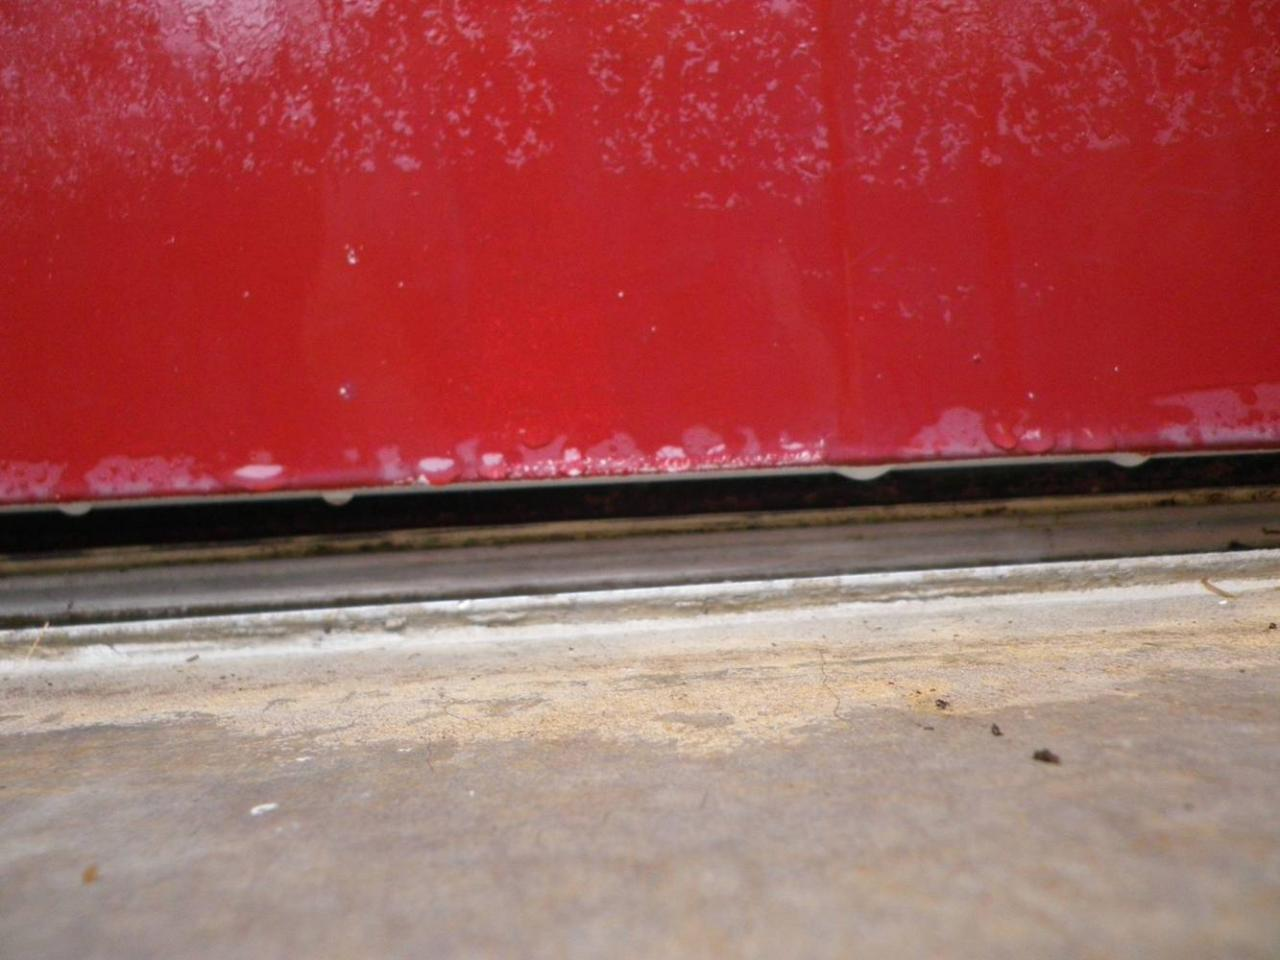 Porte d 39 entr e comment isoler le parquet - Comment isoler une porte d entree du bruit ...